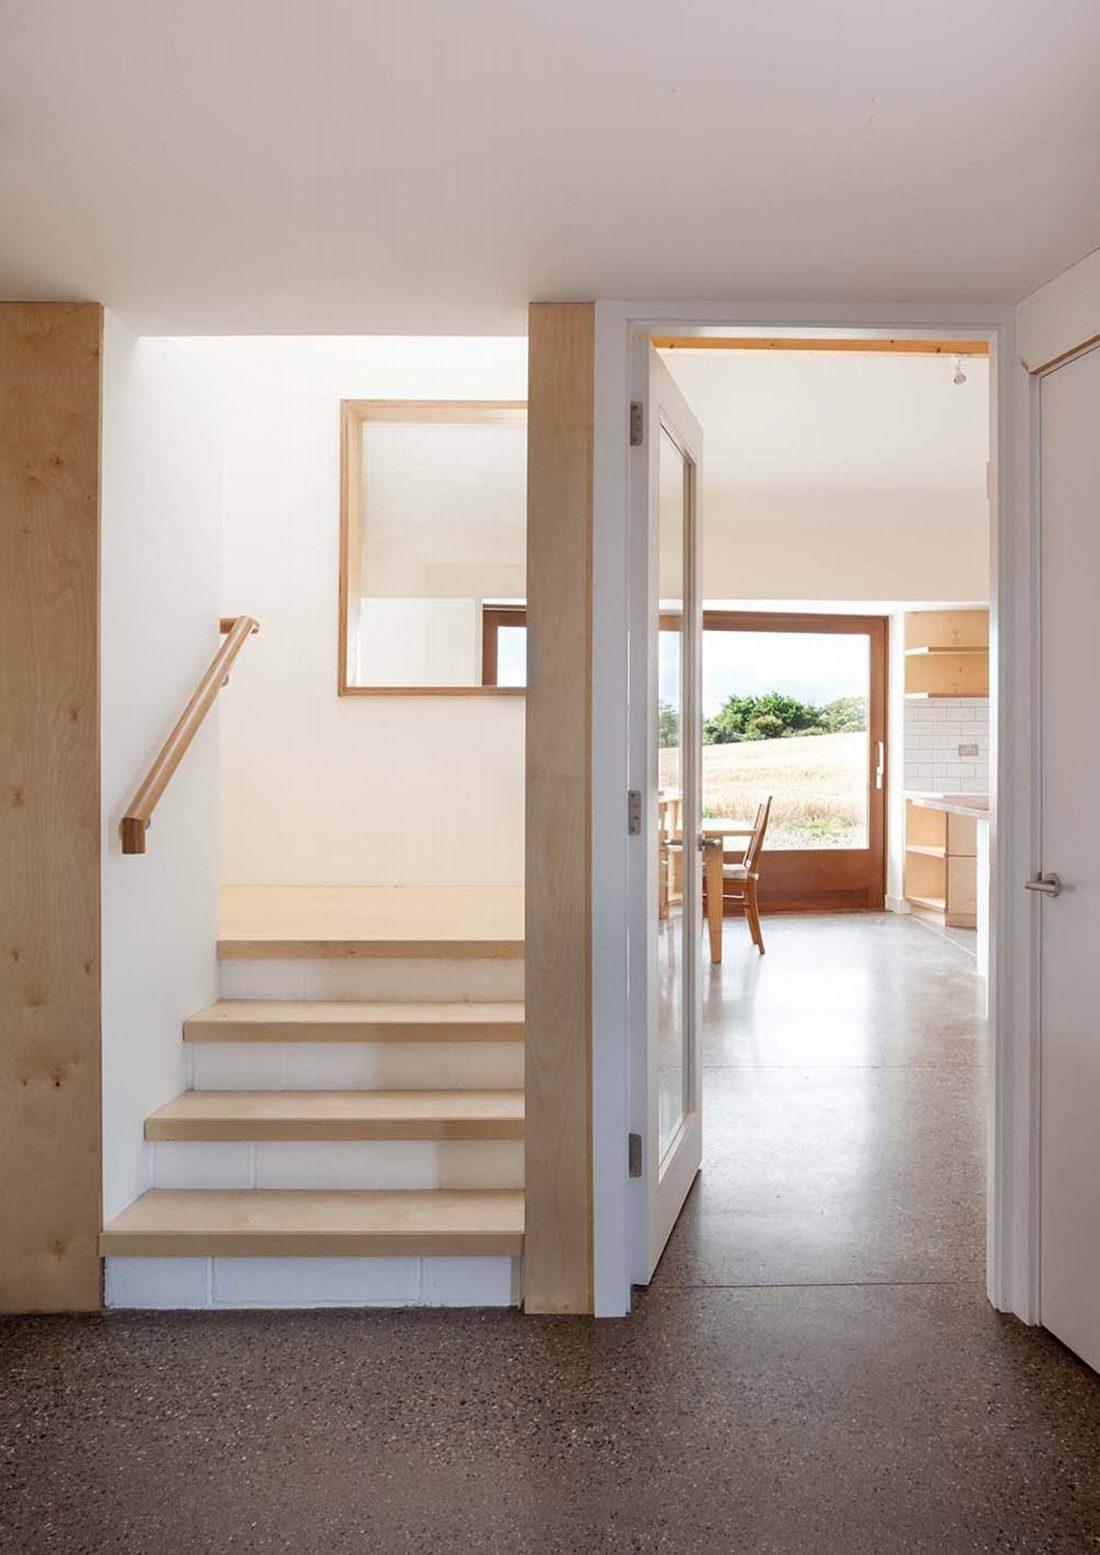 Сельский дом в Kilmore, Ирландия, от студии GKMP Architects 5